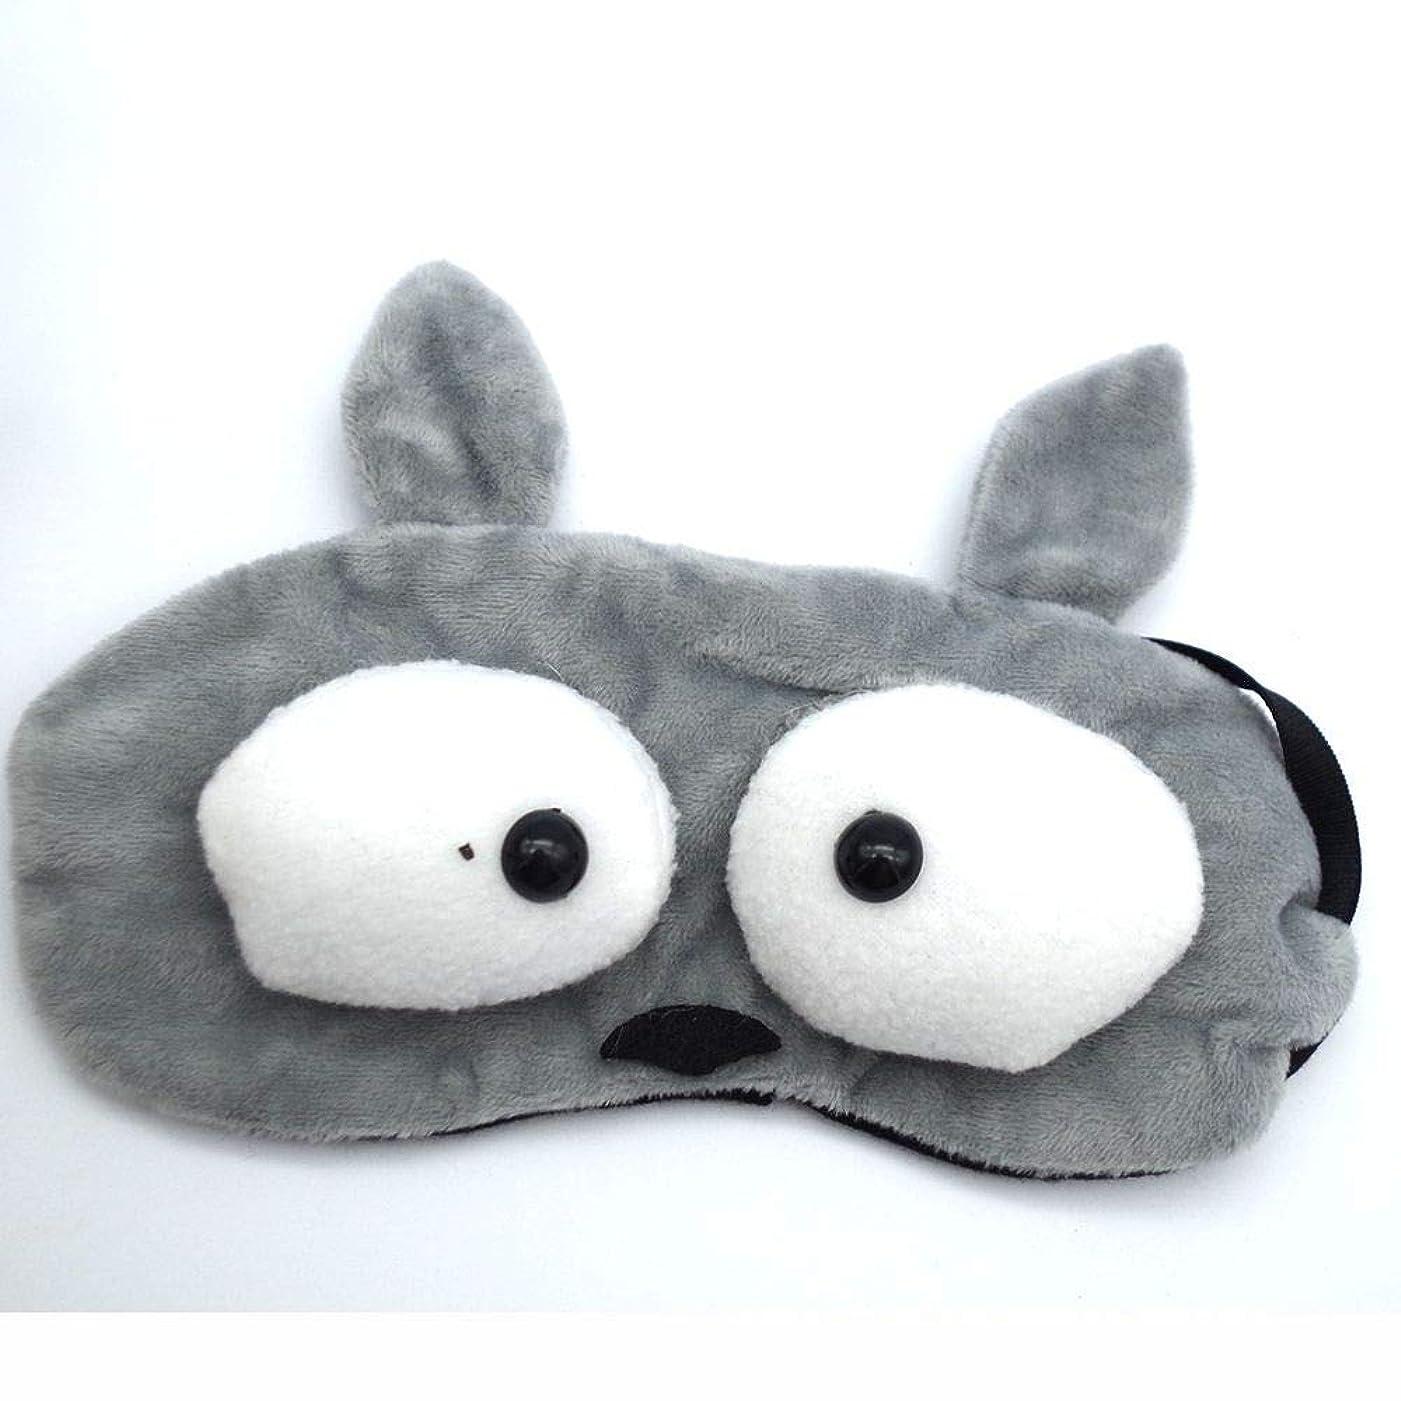 欠如敷居スズメバチNOTE 1ピース動物睡眠アイマスクパッド入りシェードカバー目隠し睡眠旅行リラックスマスクアイカバー睡眠メイクアイケアツール